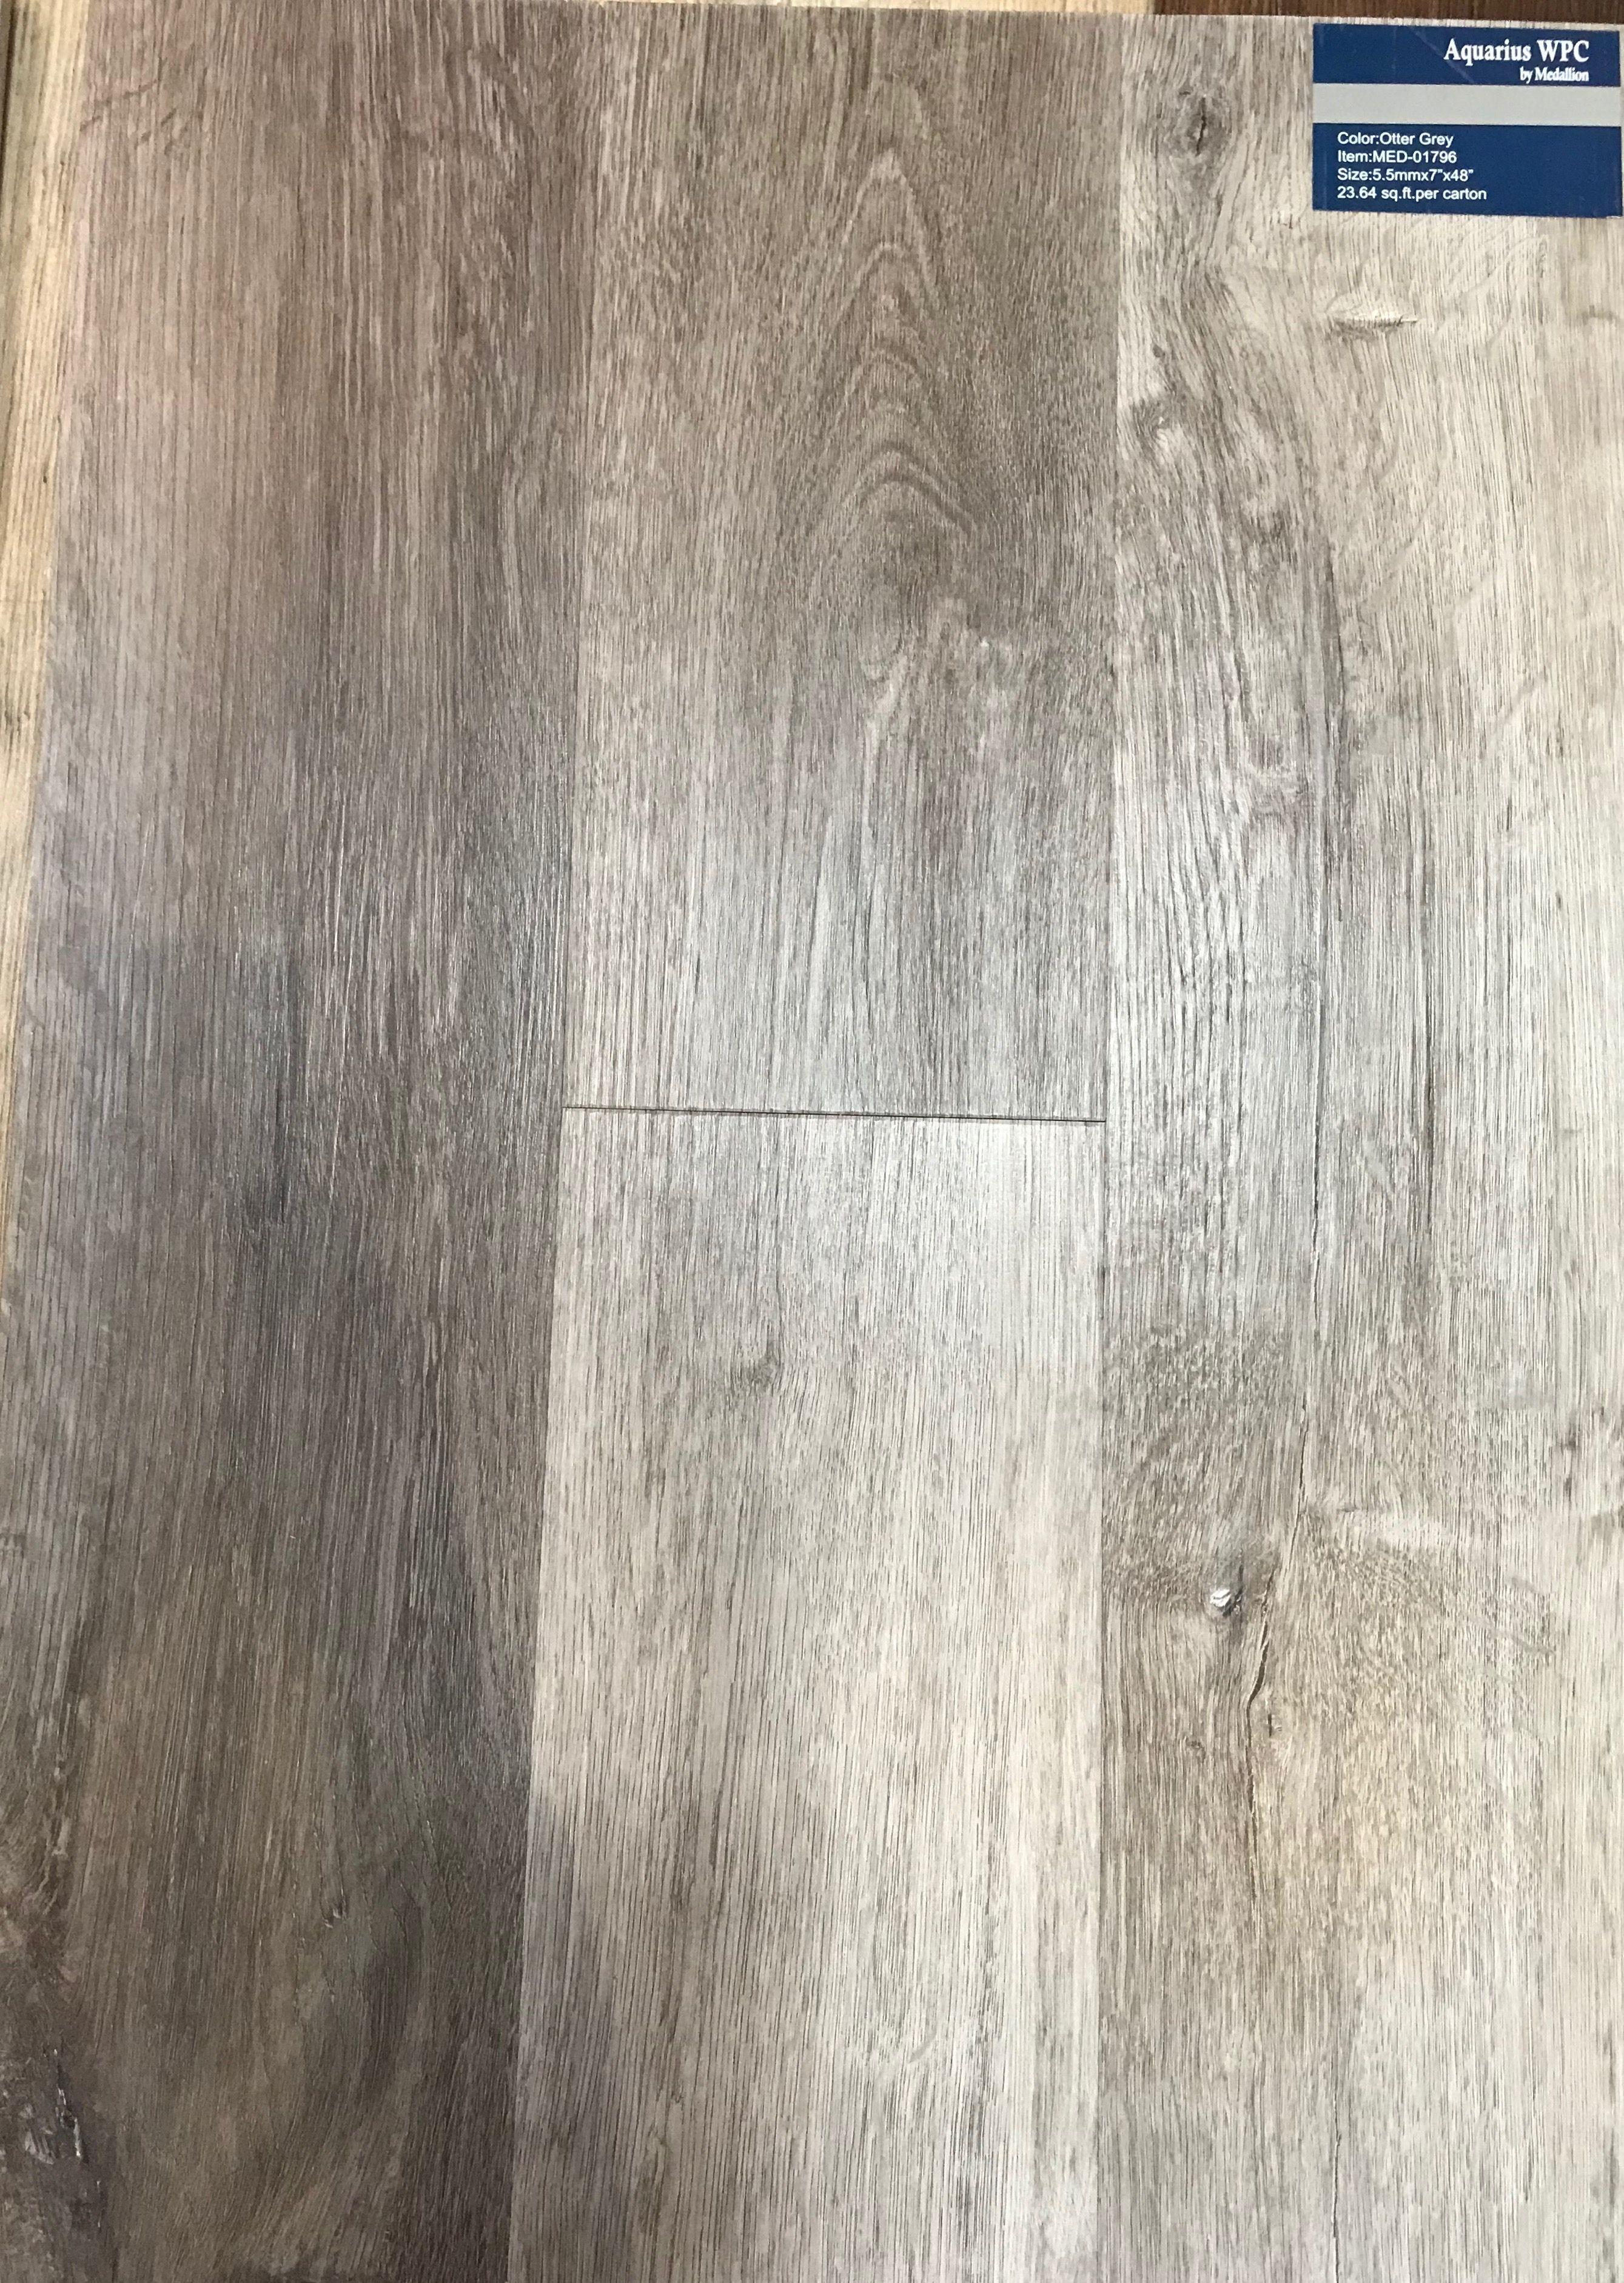 Medallion Aquarius Otter Grey Wpc Flooring Hardwood Floors Hardwood